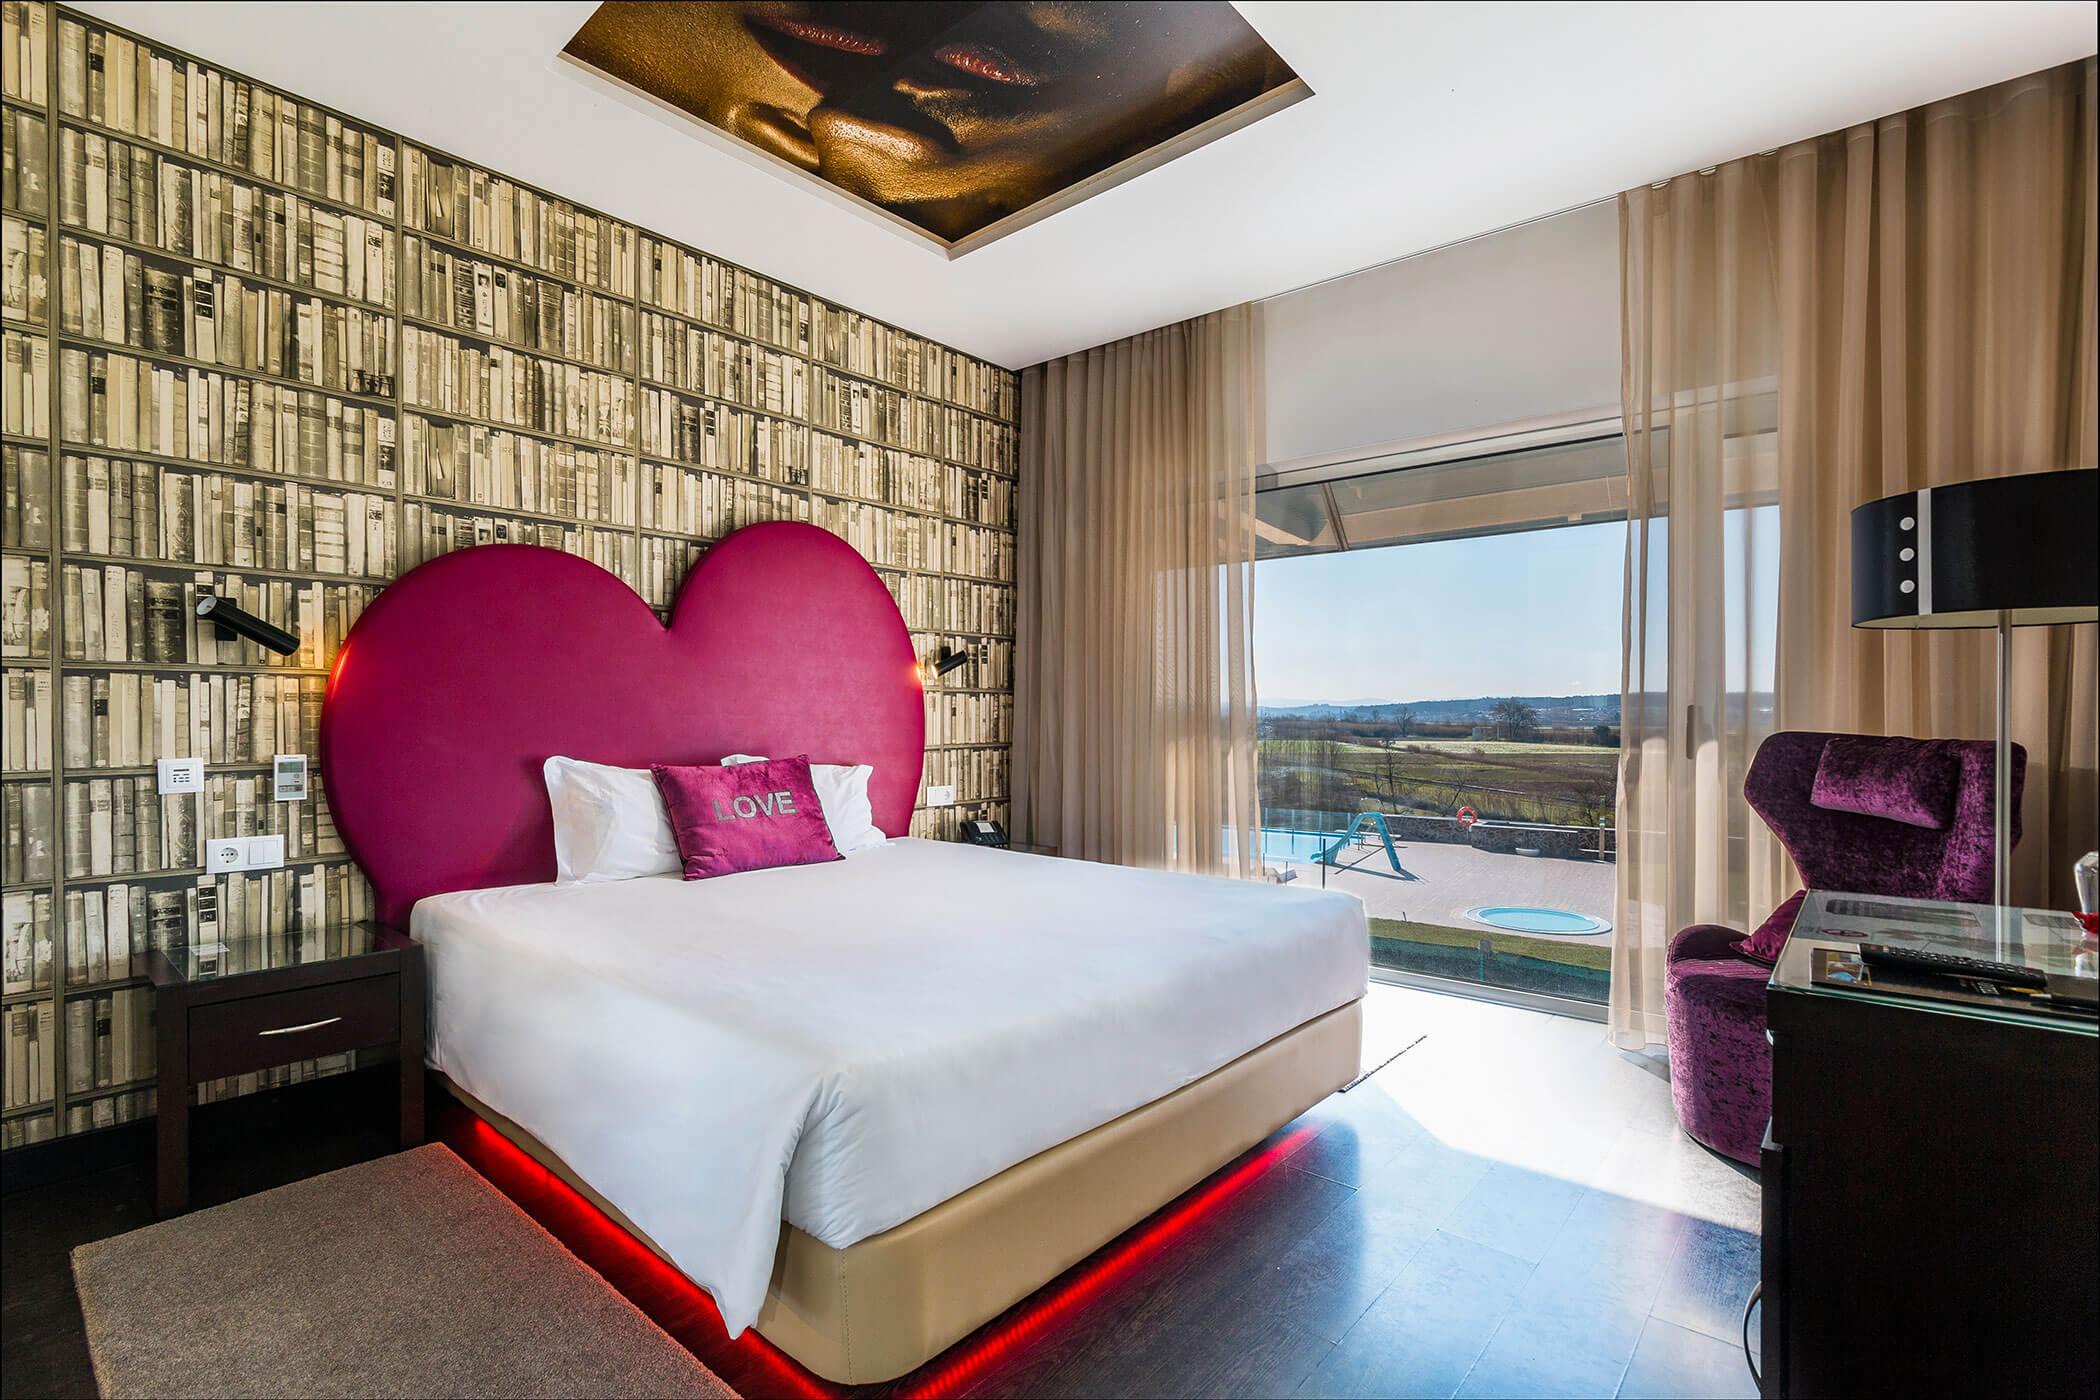 Quarto Crime do Padre Amaro - Lisotel Hotel e Spa, Leiria